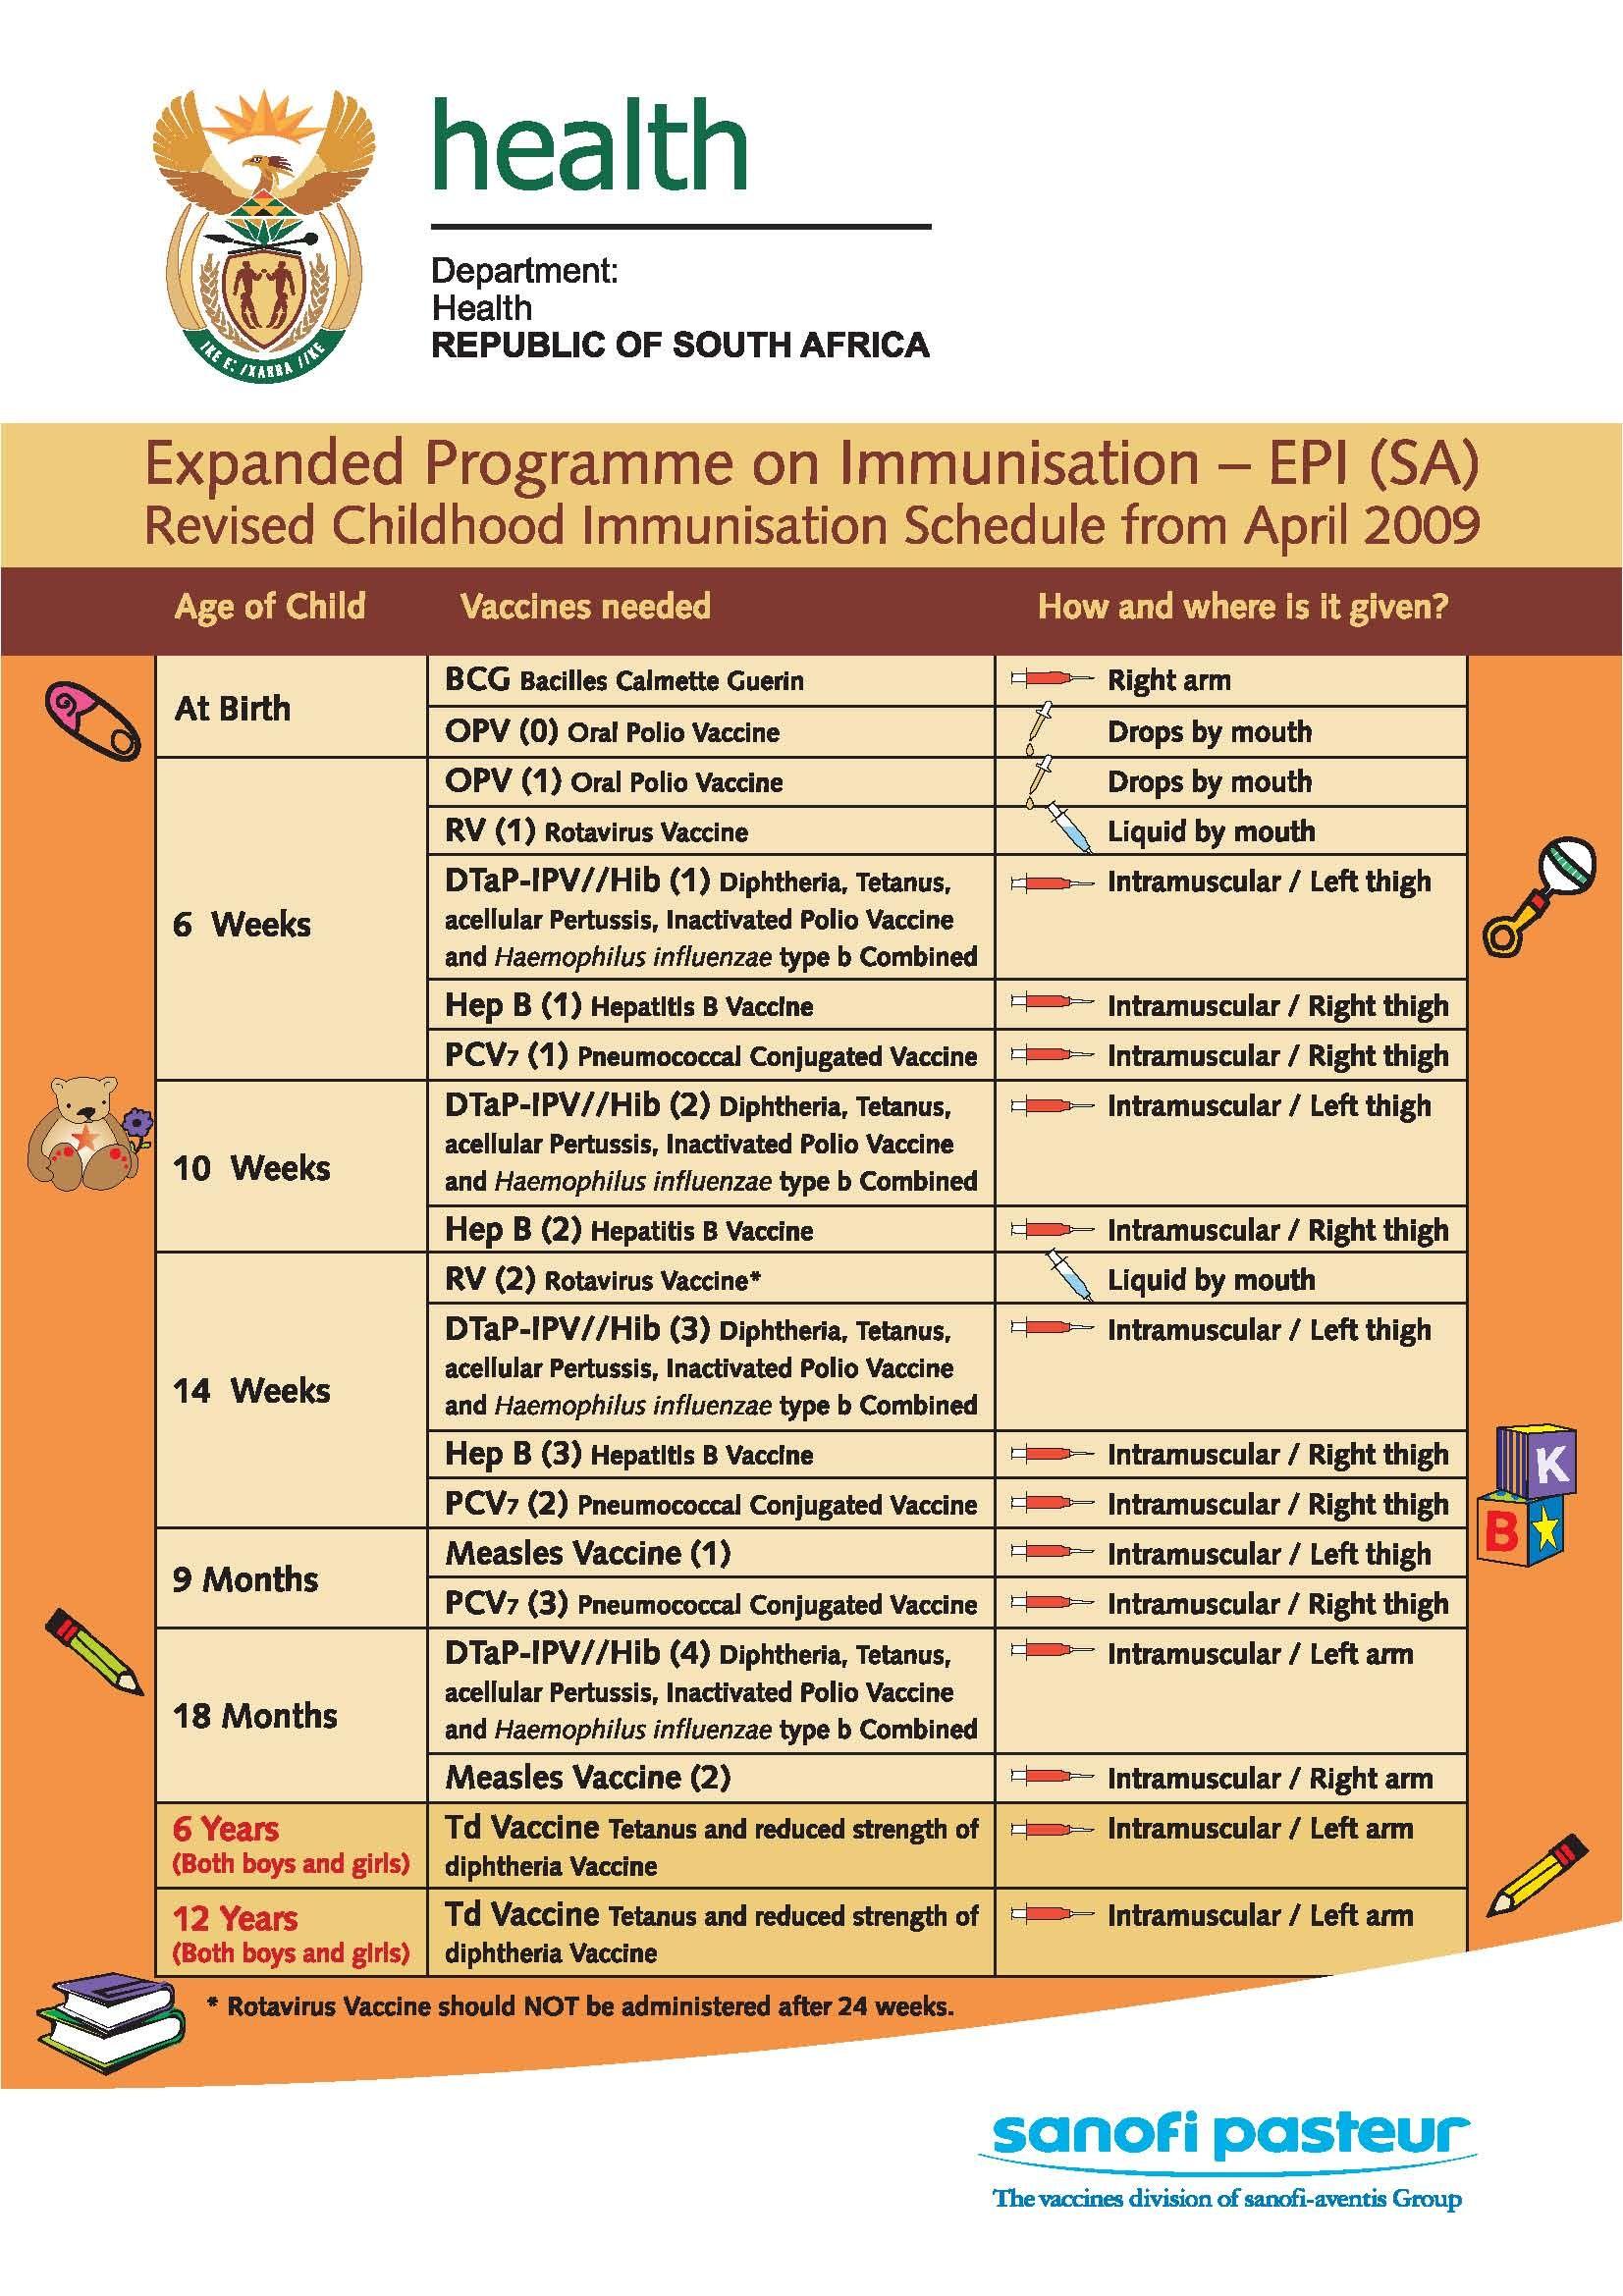 Immunization schedule chart download also template pinterest rh